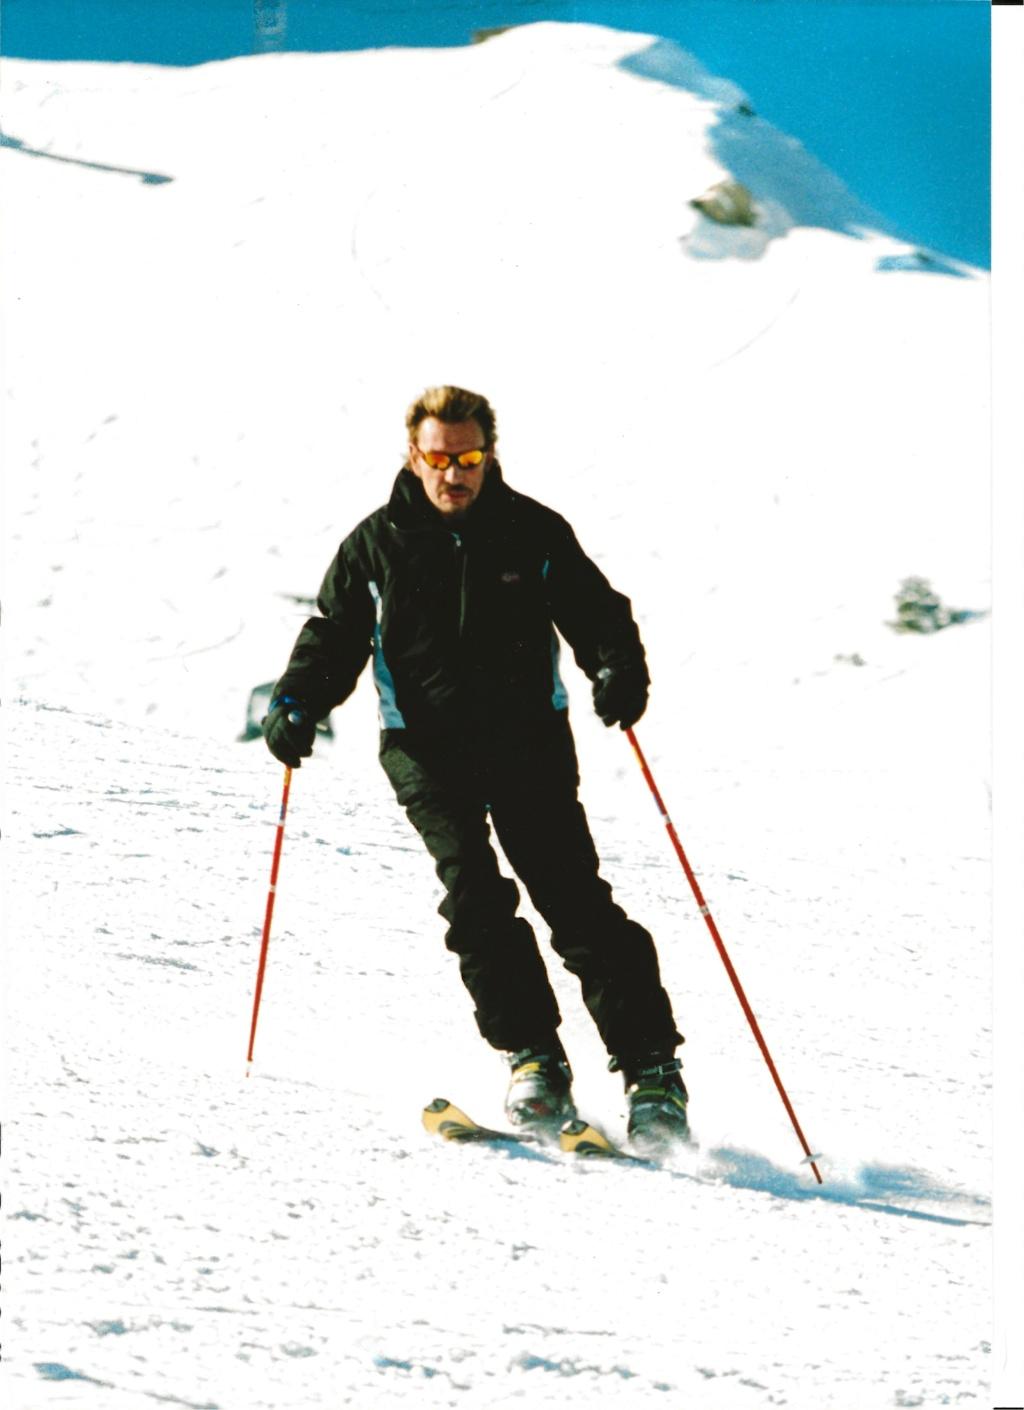 LES PHOTOS DE CANAILLES2 - Page 4 Ski_ph10